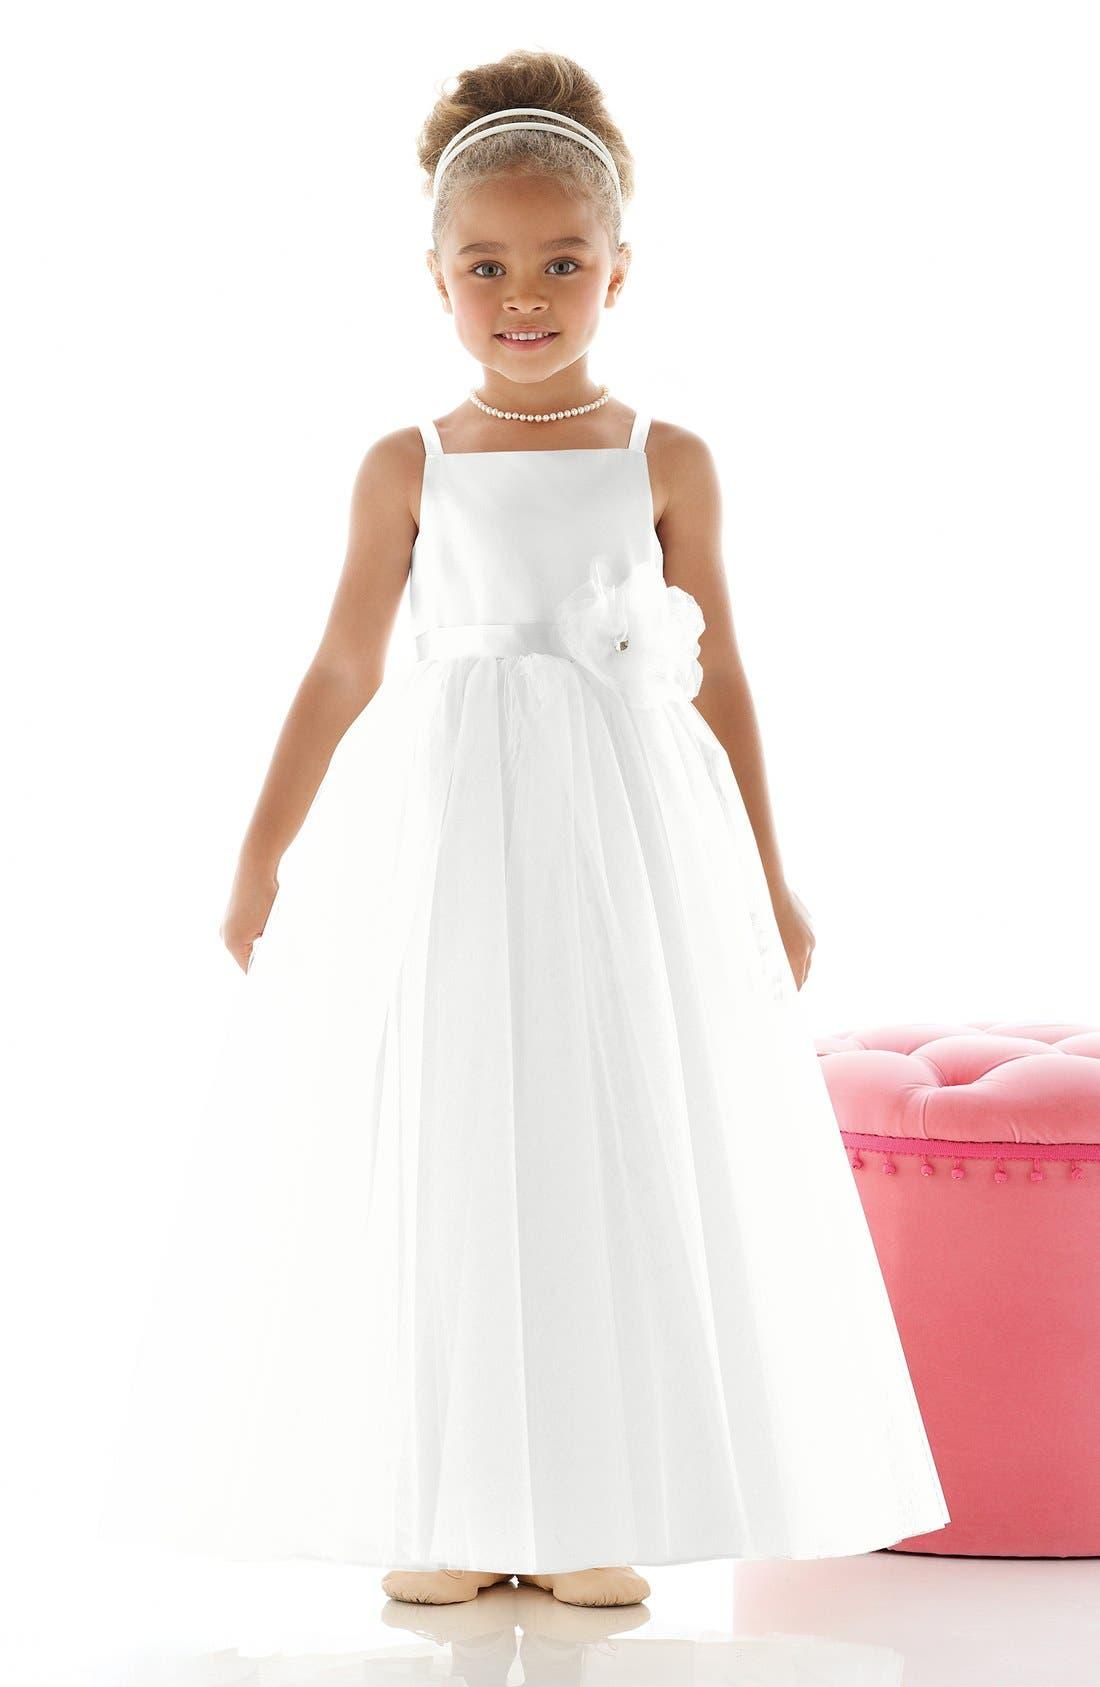 'Rose' Satin & Tulle Flower Girl Dress,                             Main thumbnail 1, color,                             100